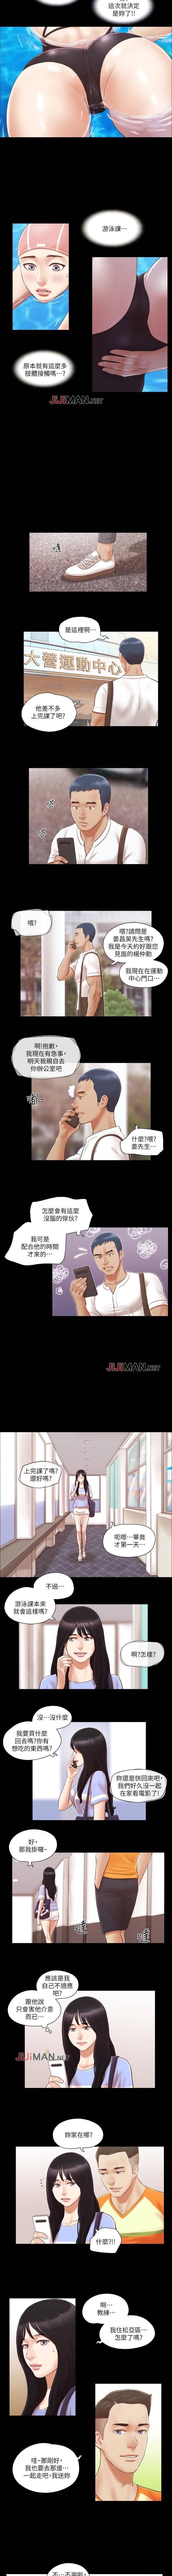 【周五连载】协议换爱(作者:遠德) 第1~62话 61